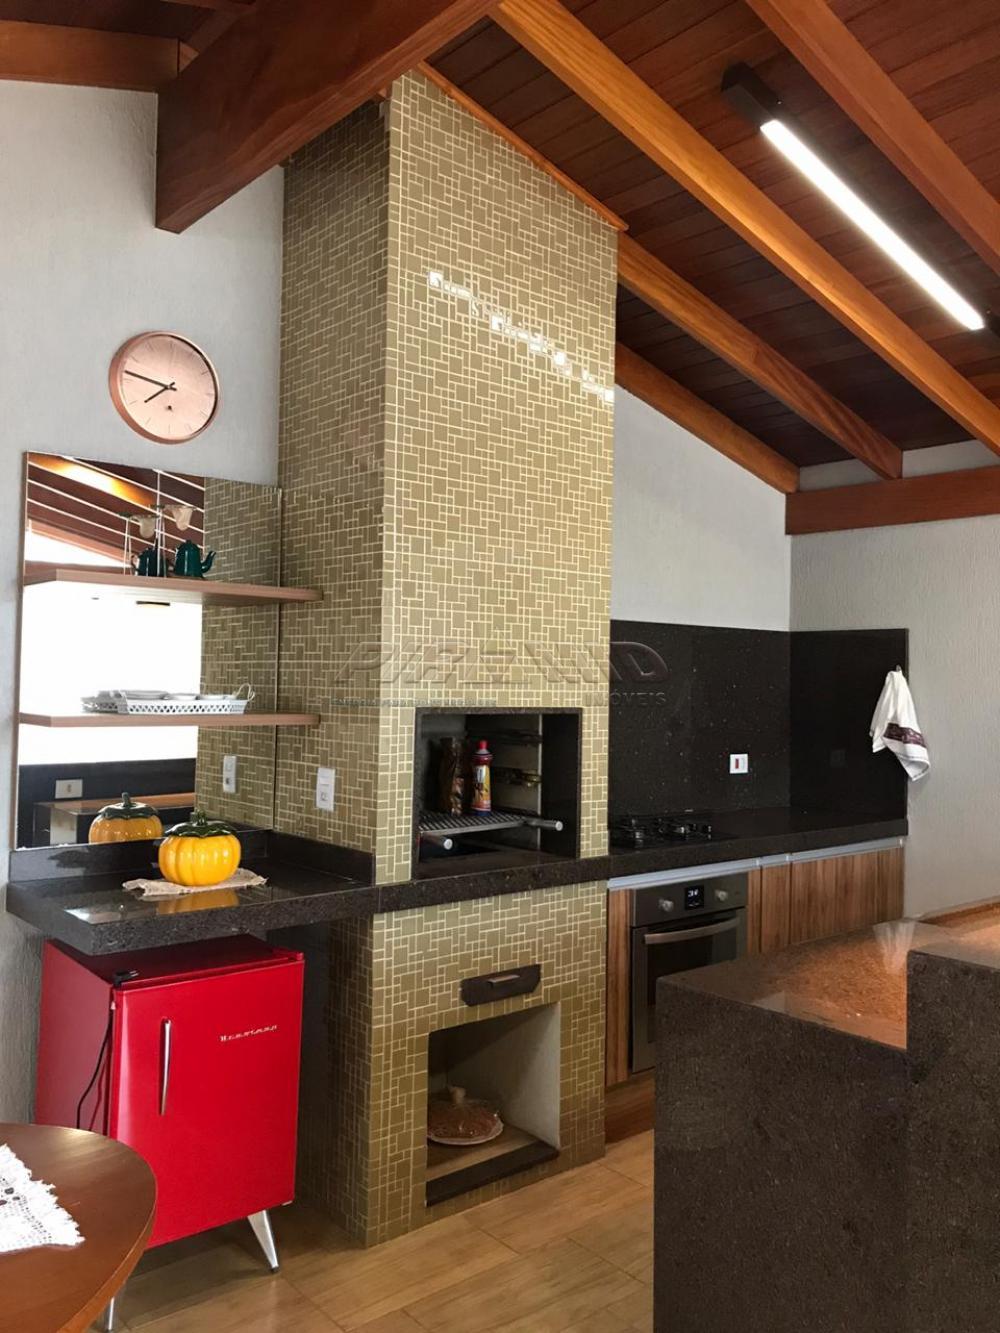 Comprar Casa / Condomínio em Ribeirão Preto apenas R$ 630.000,00 - Foto 12